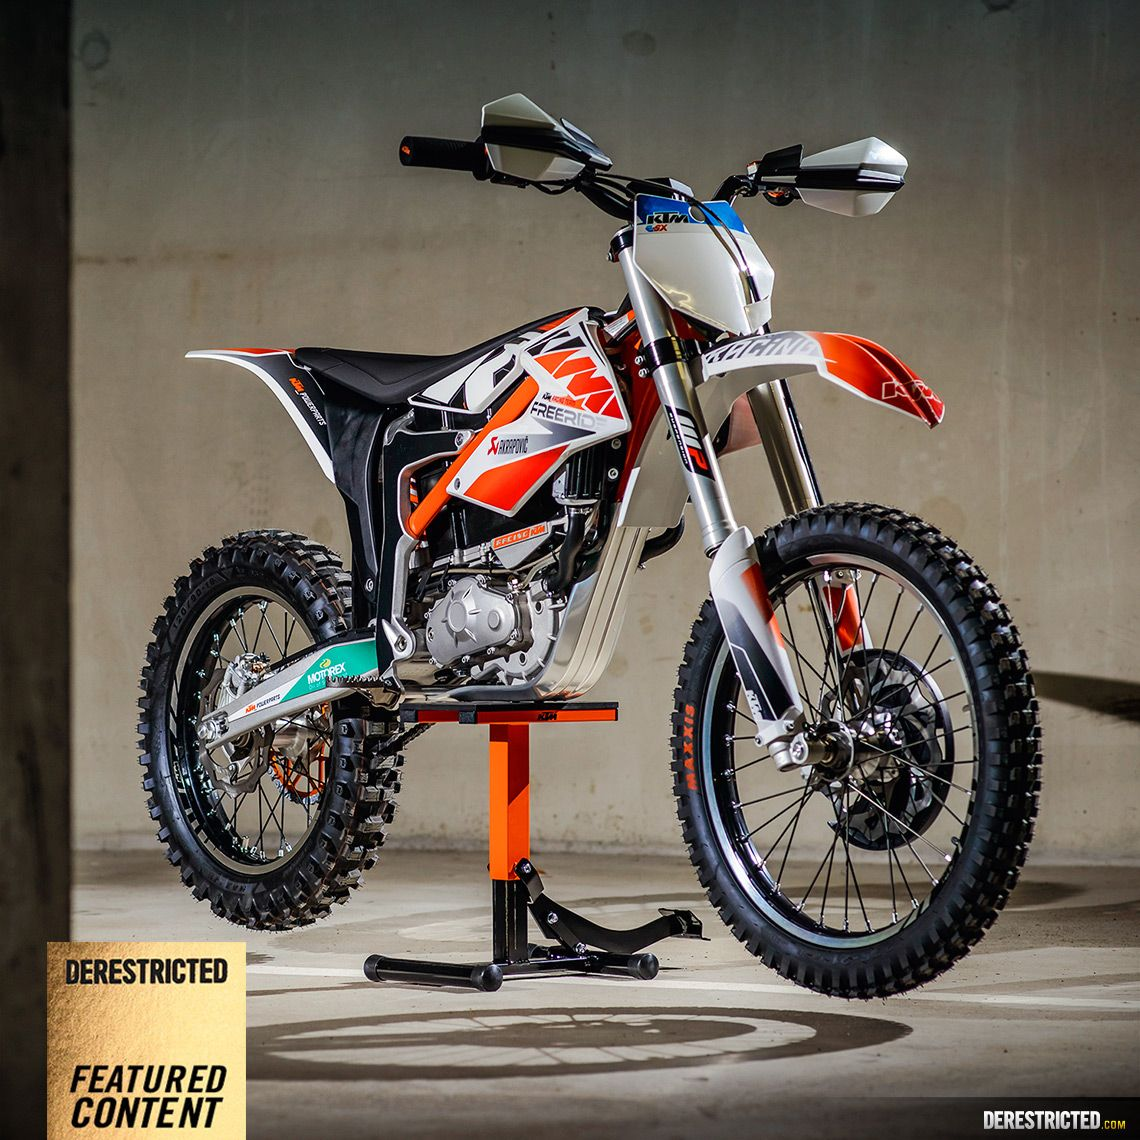 2015 Ktm Freeride E Xc Enduro Derestricted Ktm Motocross Bikes Freeride